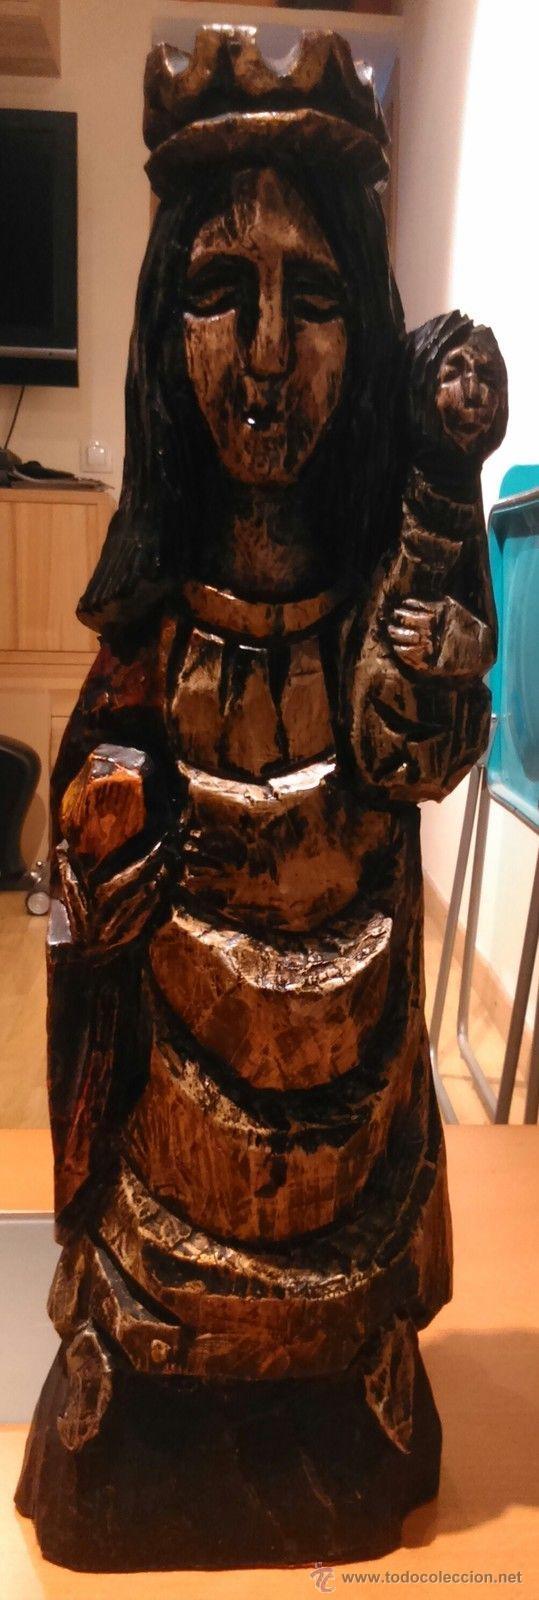 ANTIGUA TALLA EN MADERA MACIZA DE VIRGEN CON NIÑO (AÑOS 50) (Antigüedades - Religiosas - Varios)